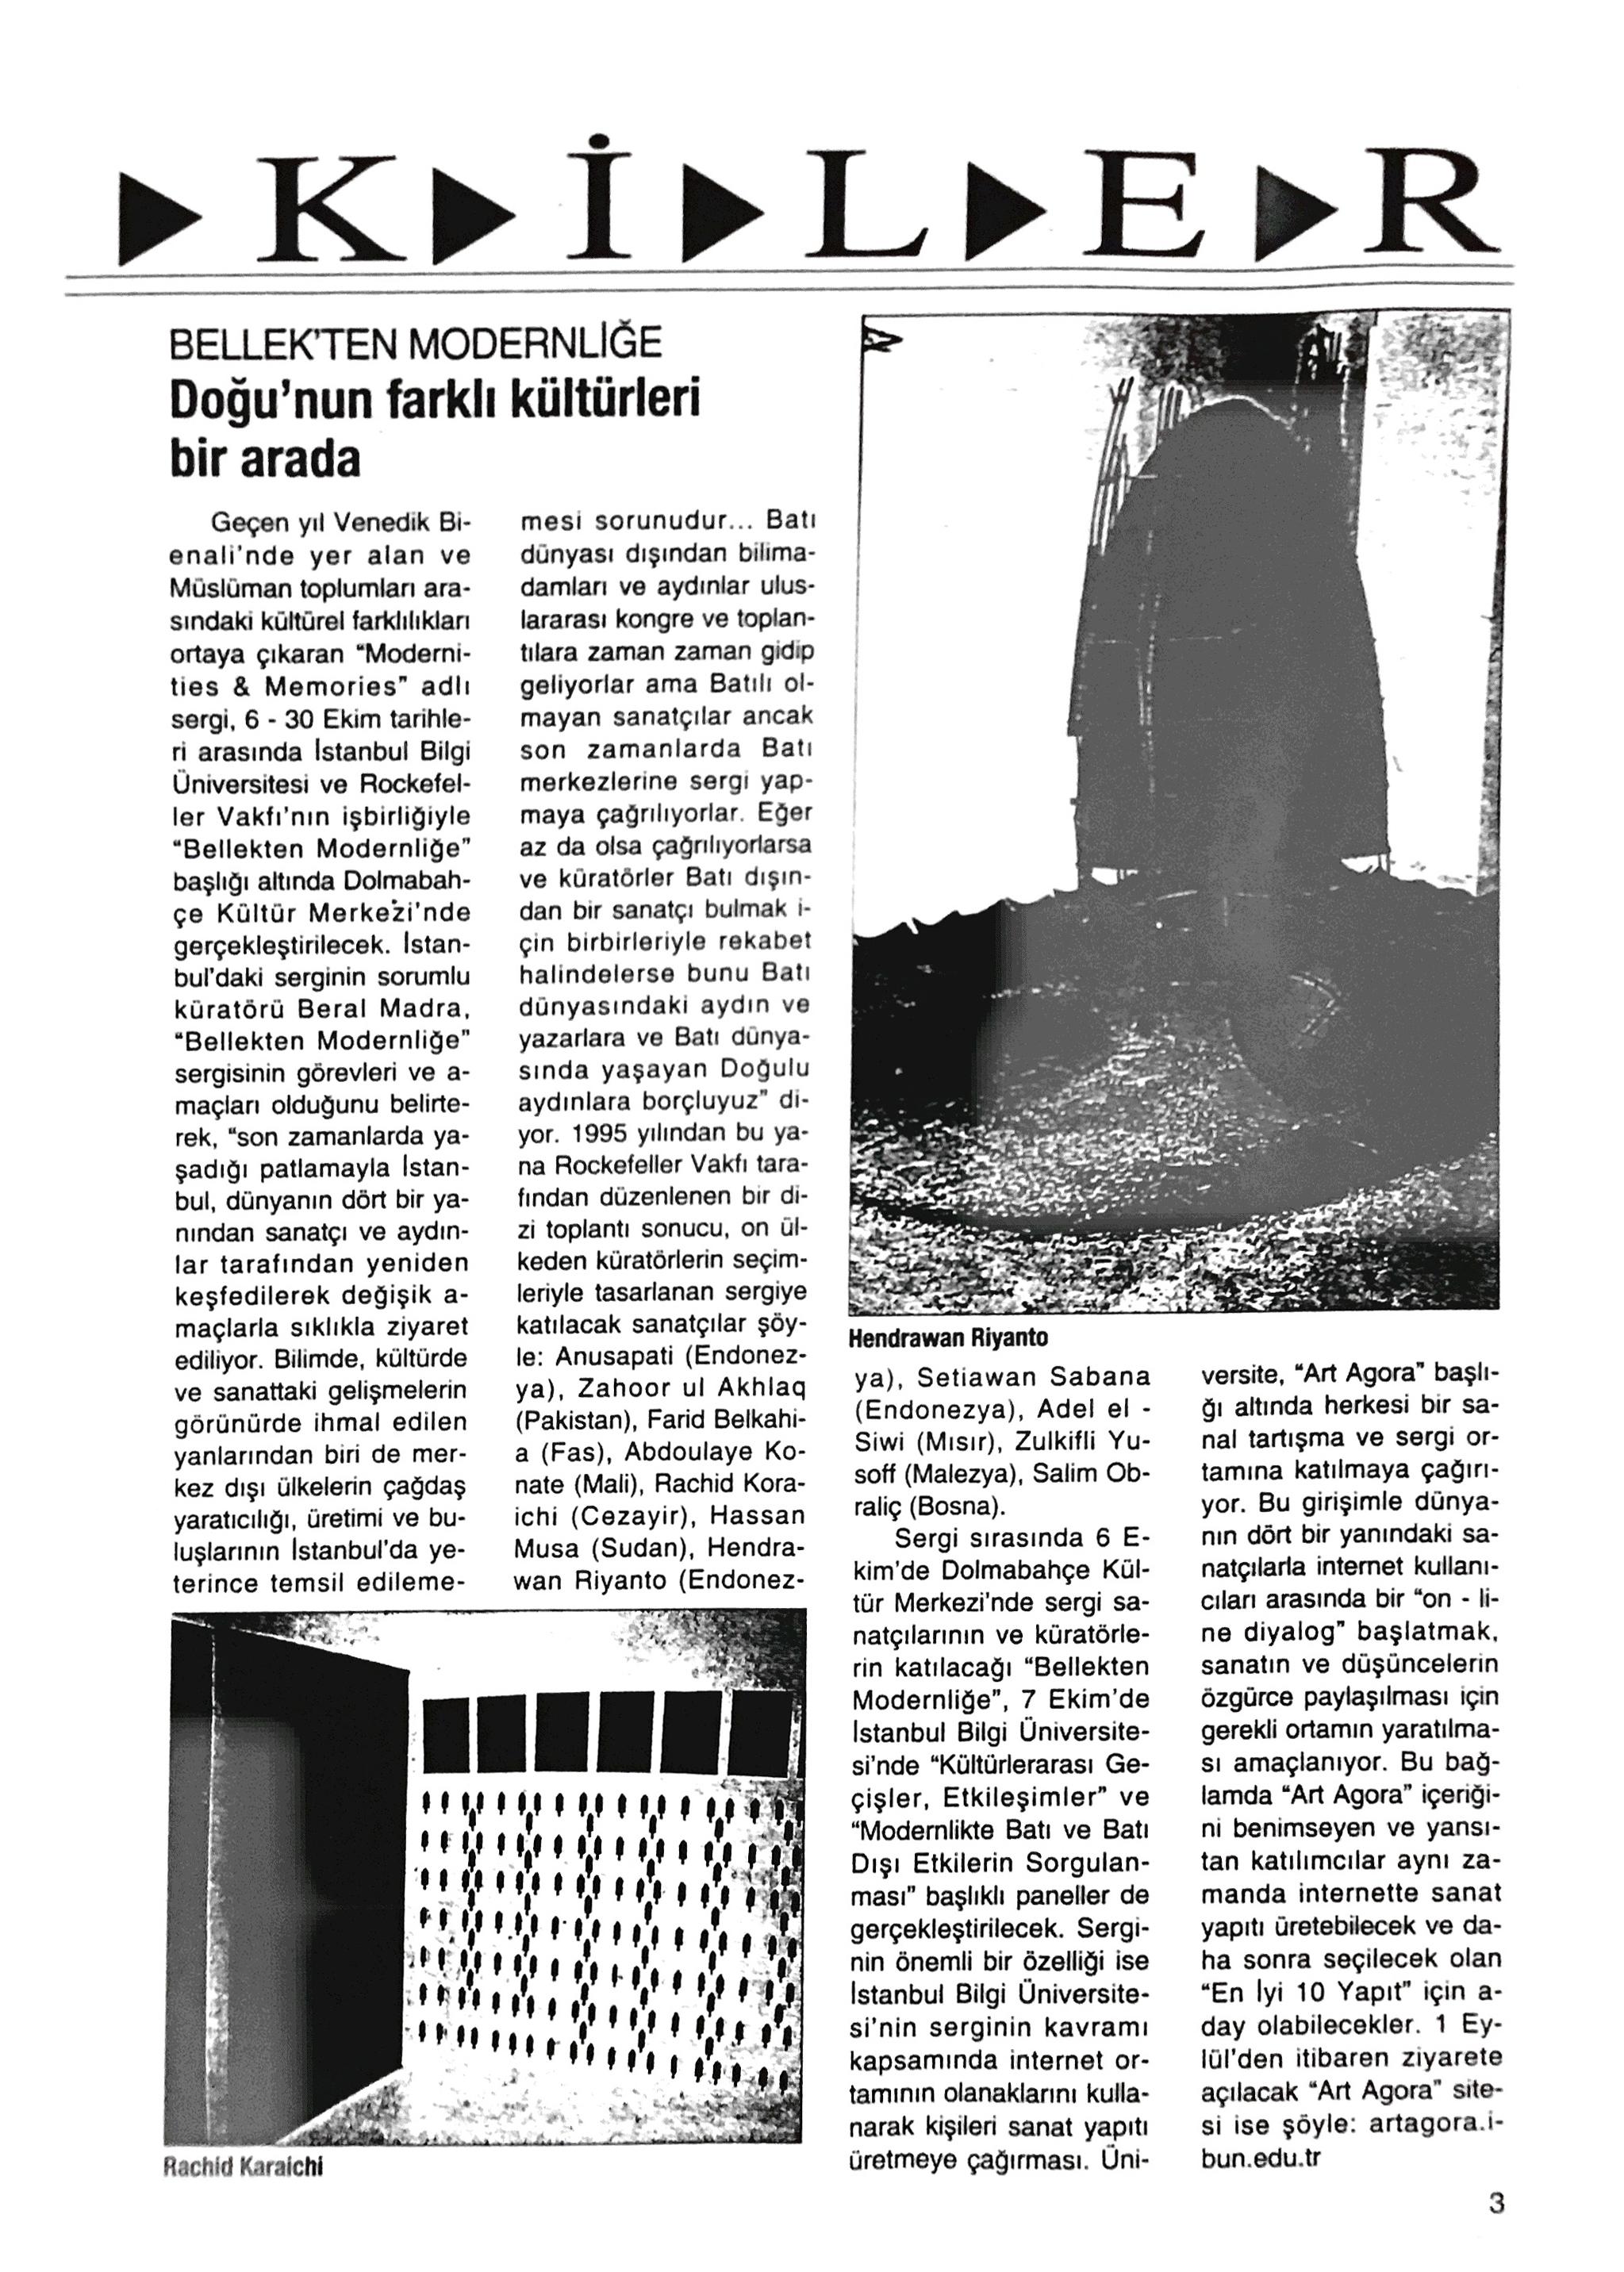 1998_MilliyetSanat_15Ağustos